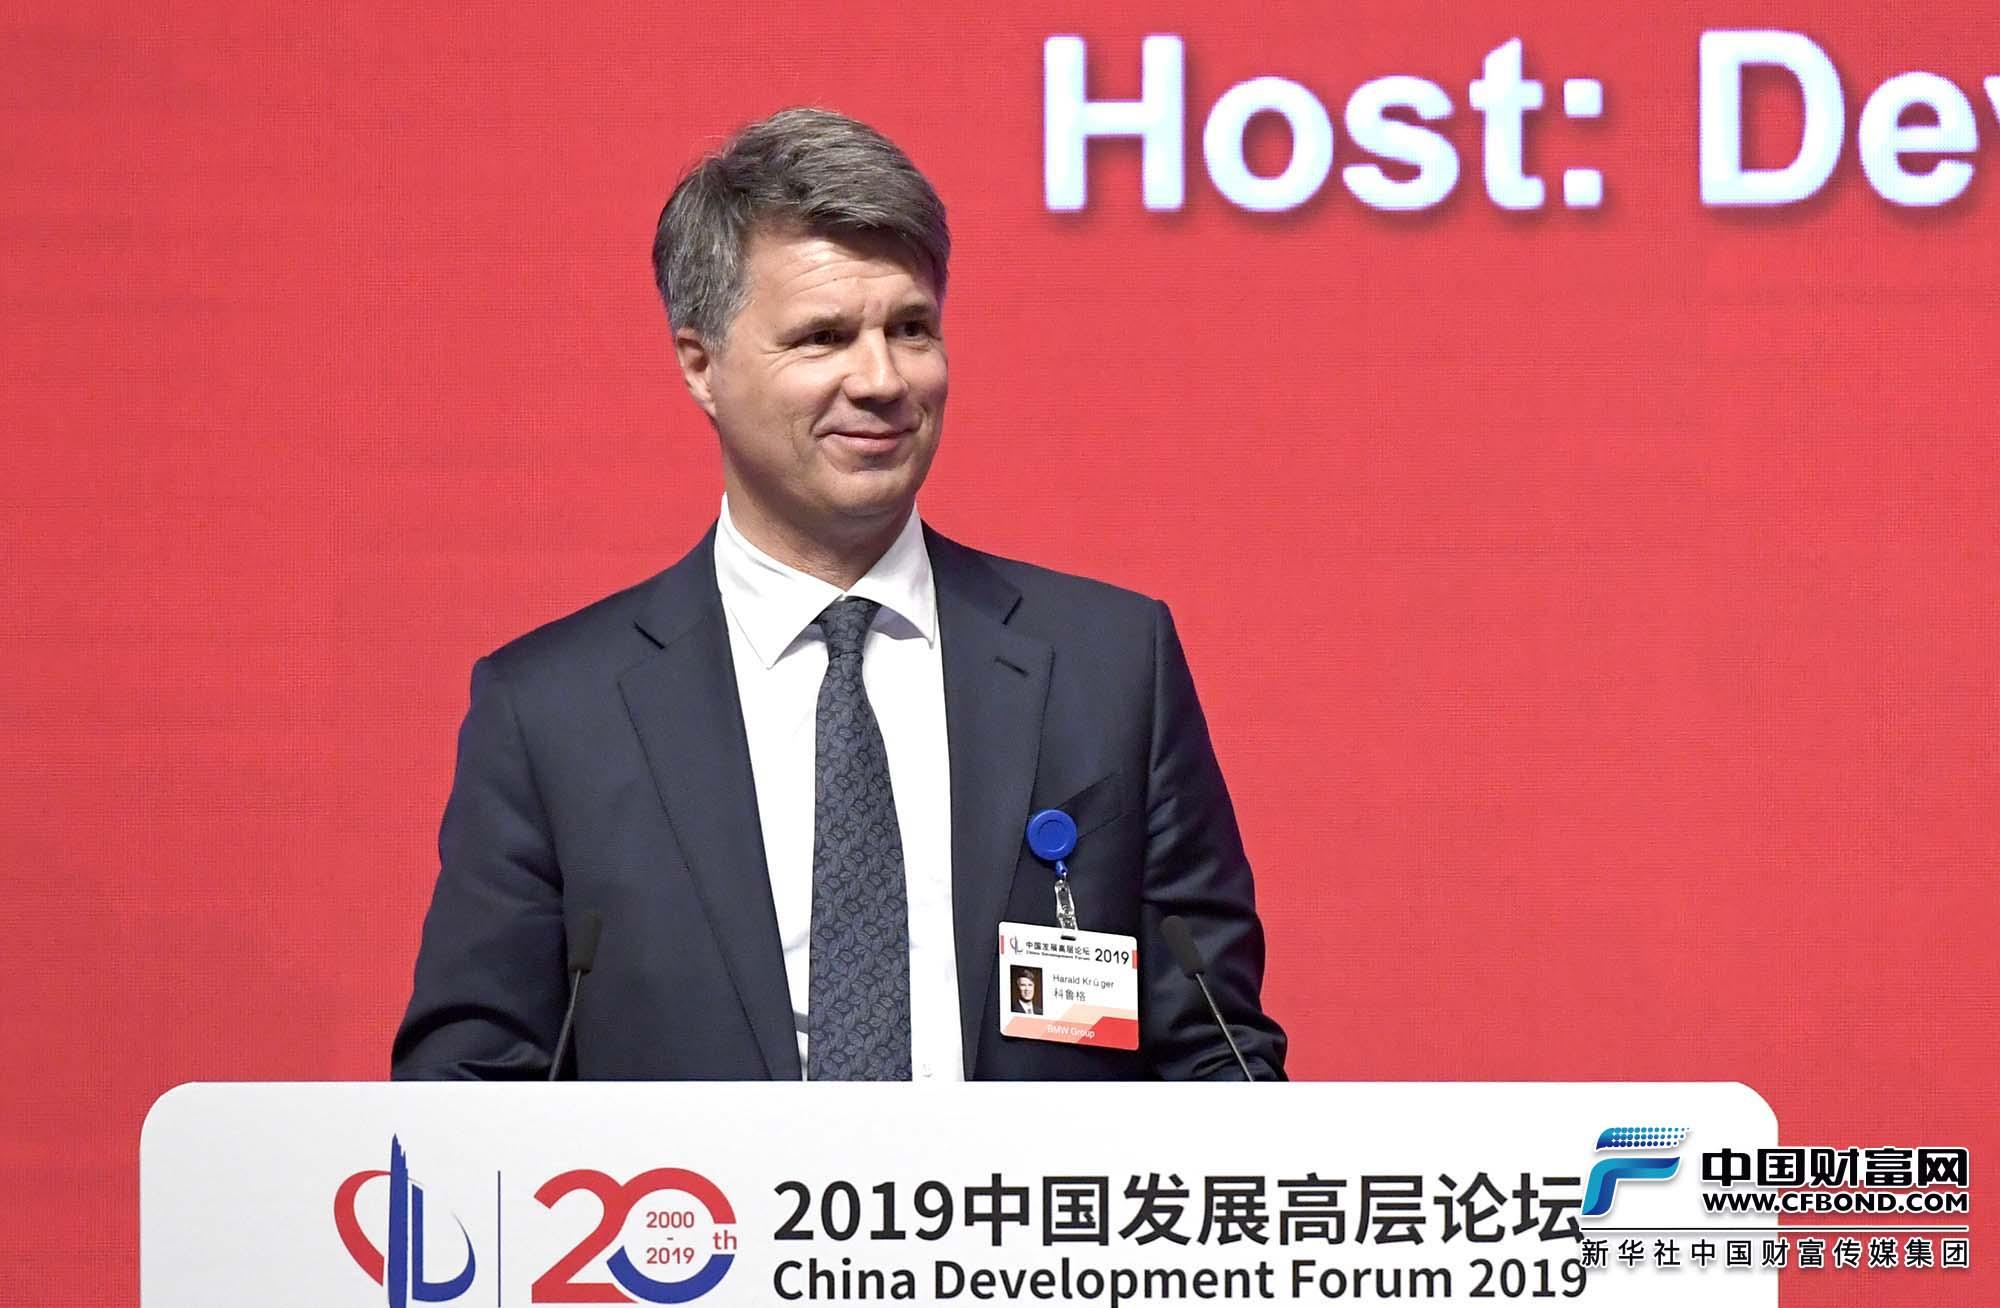 宝马集团董事长科鲁格:合作是解决问题的关键